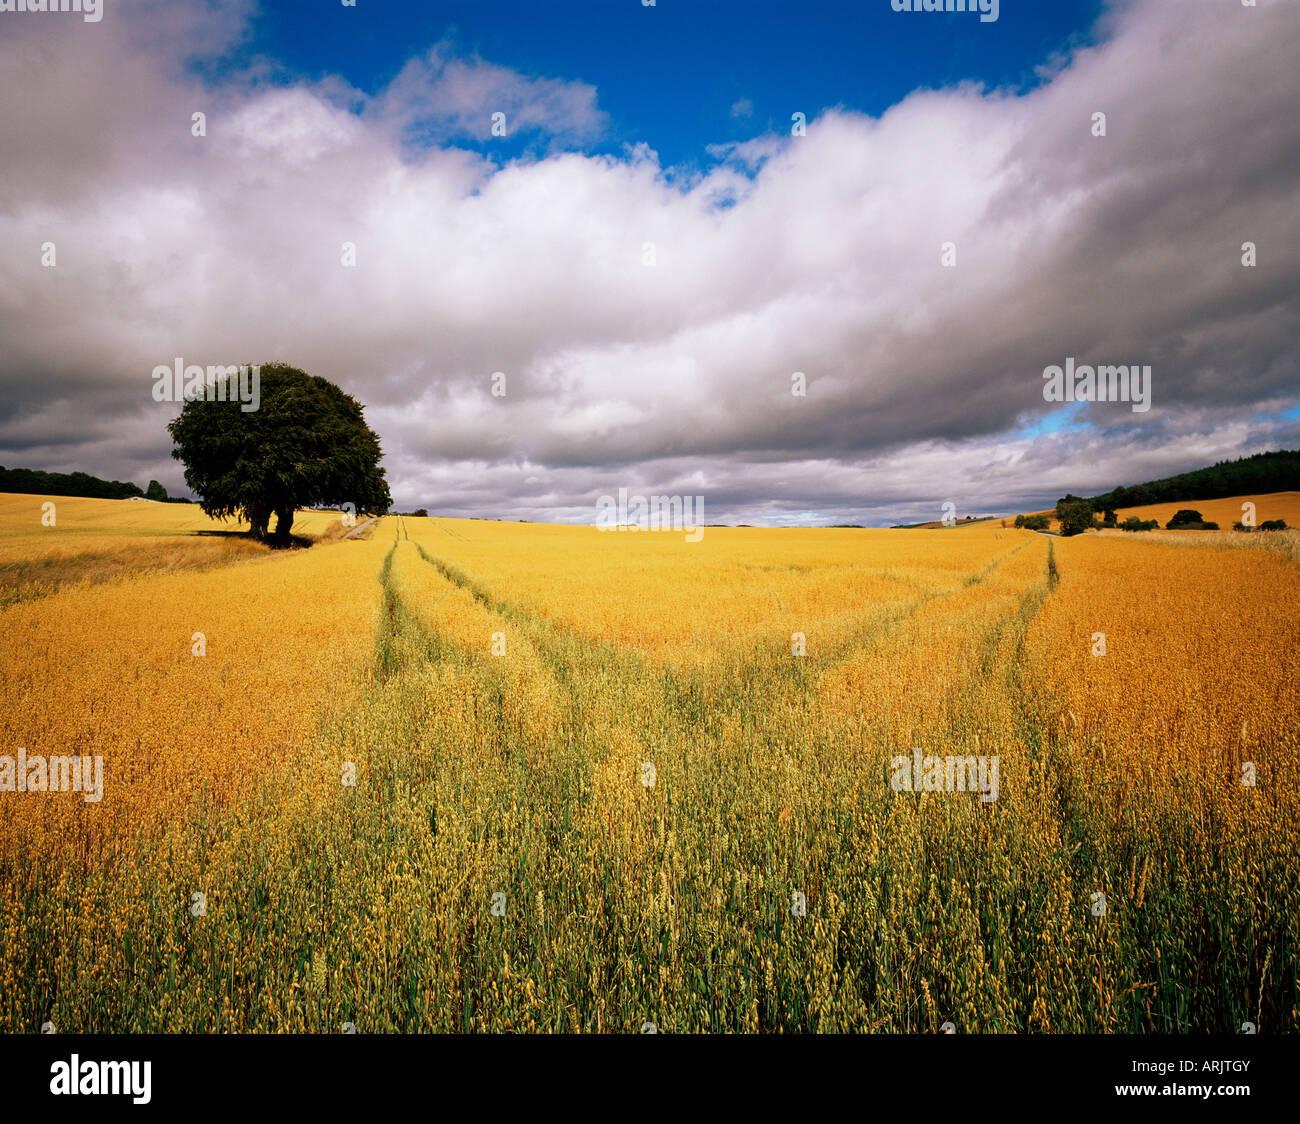 Champs de céréales, près de Avoch, Black Isle, Ecosse, Royaume-Uni, Europe Photo Stock